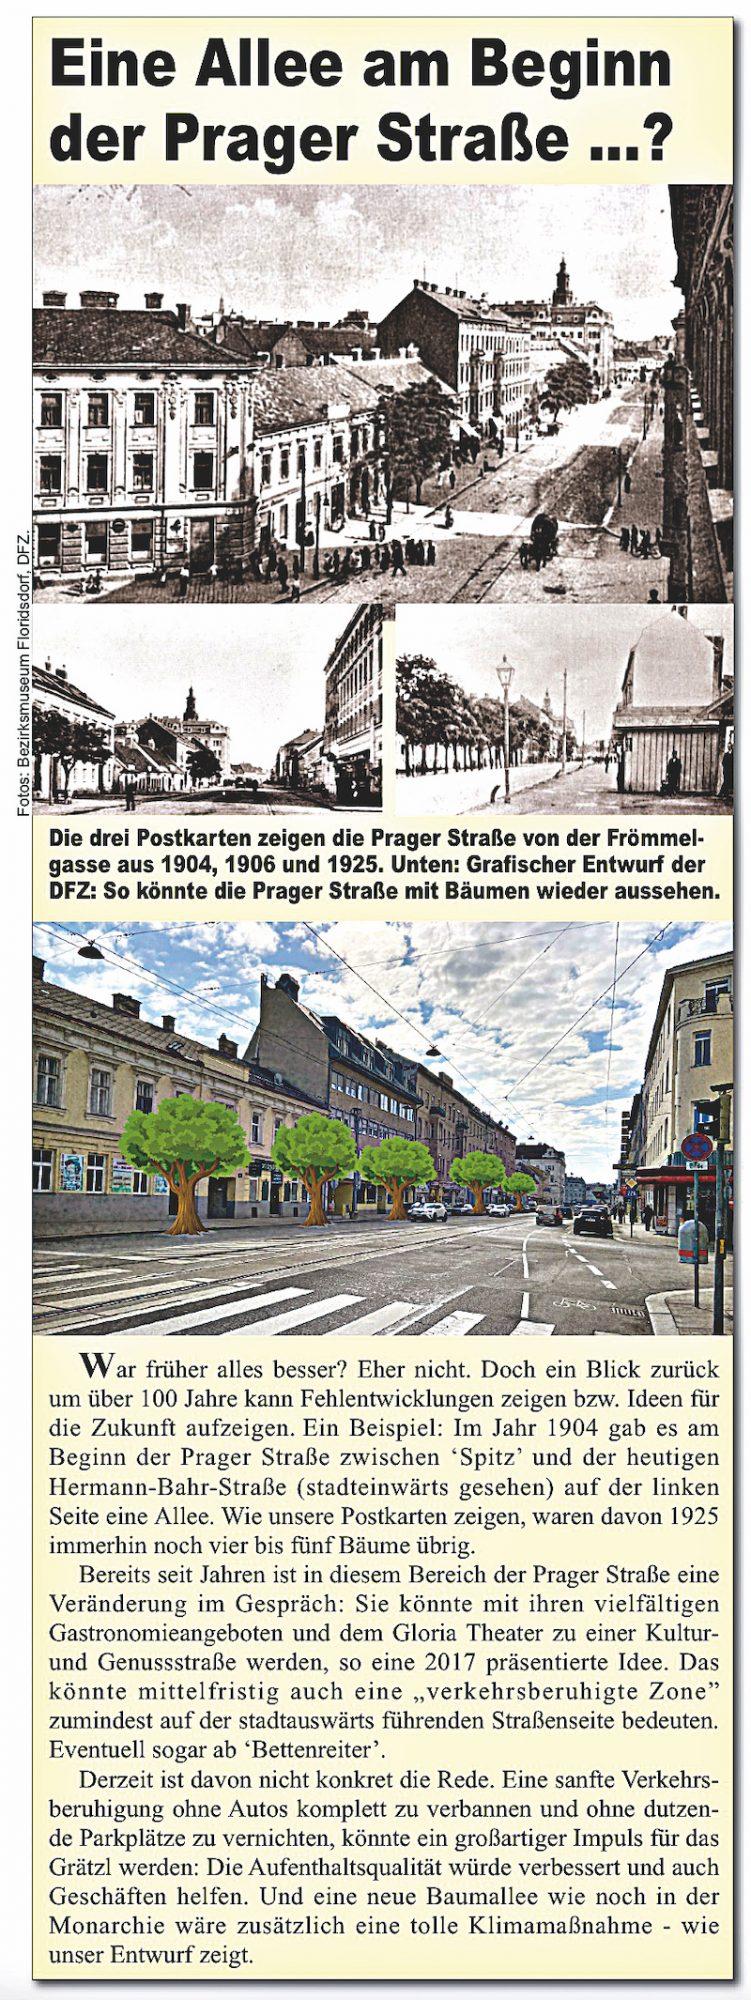 Artikel in der April-Ausgabe der DFZ. Bild: DFZ.